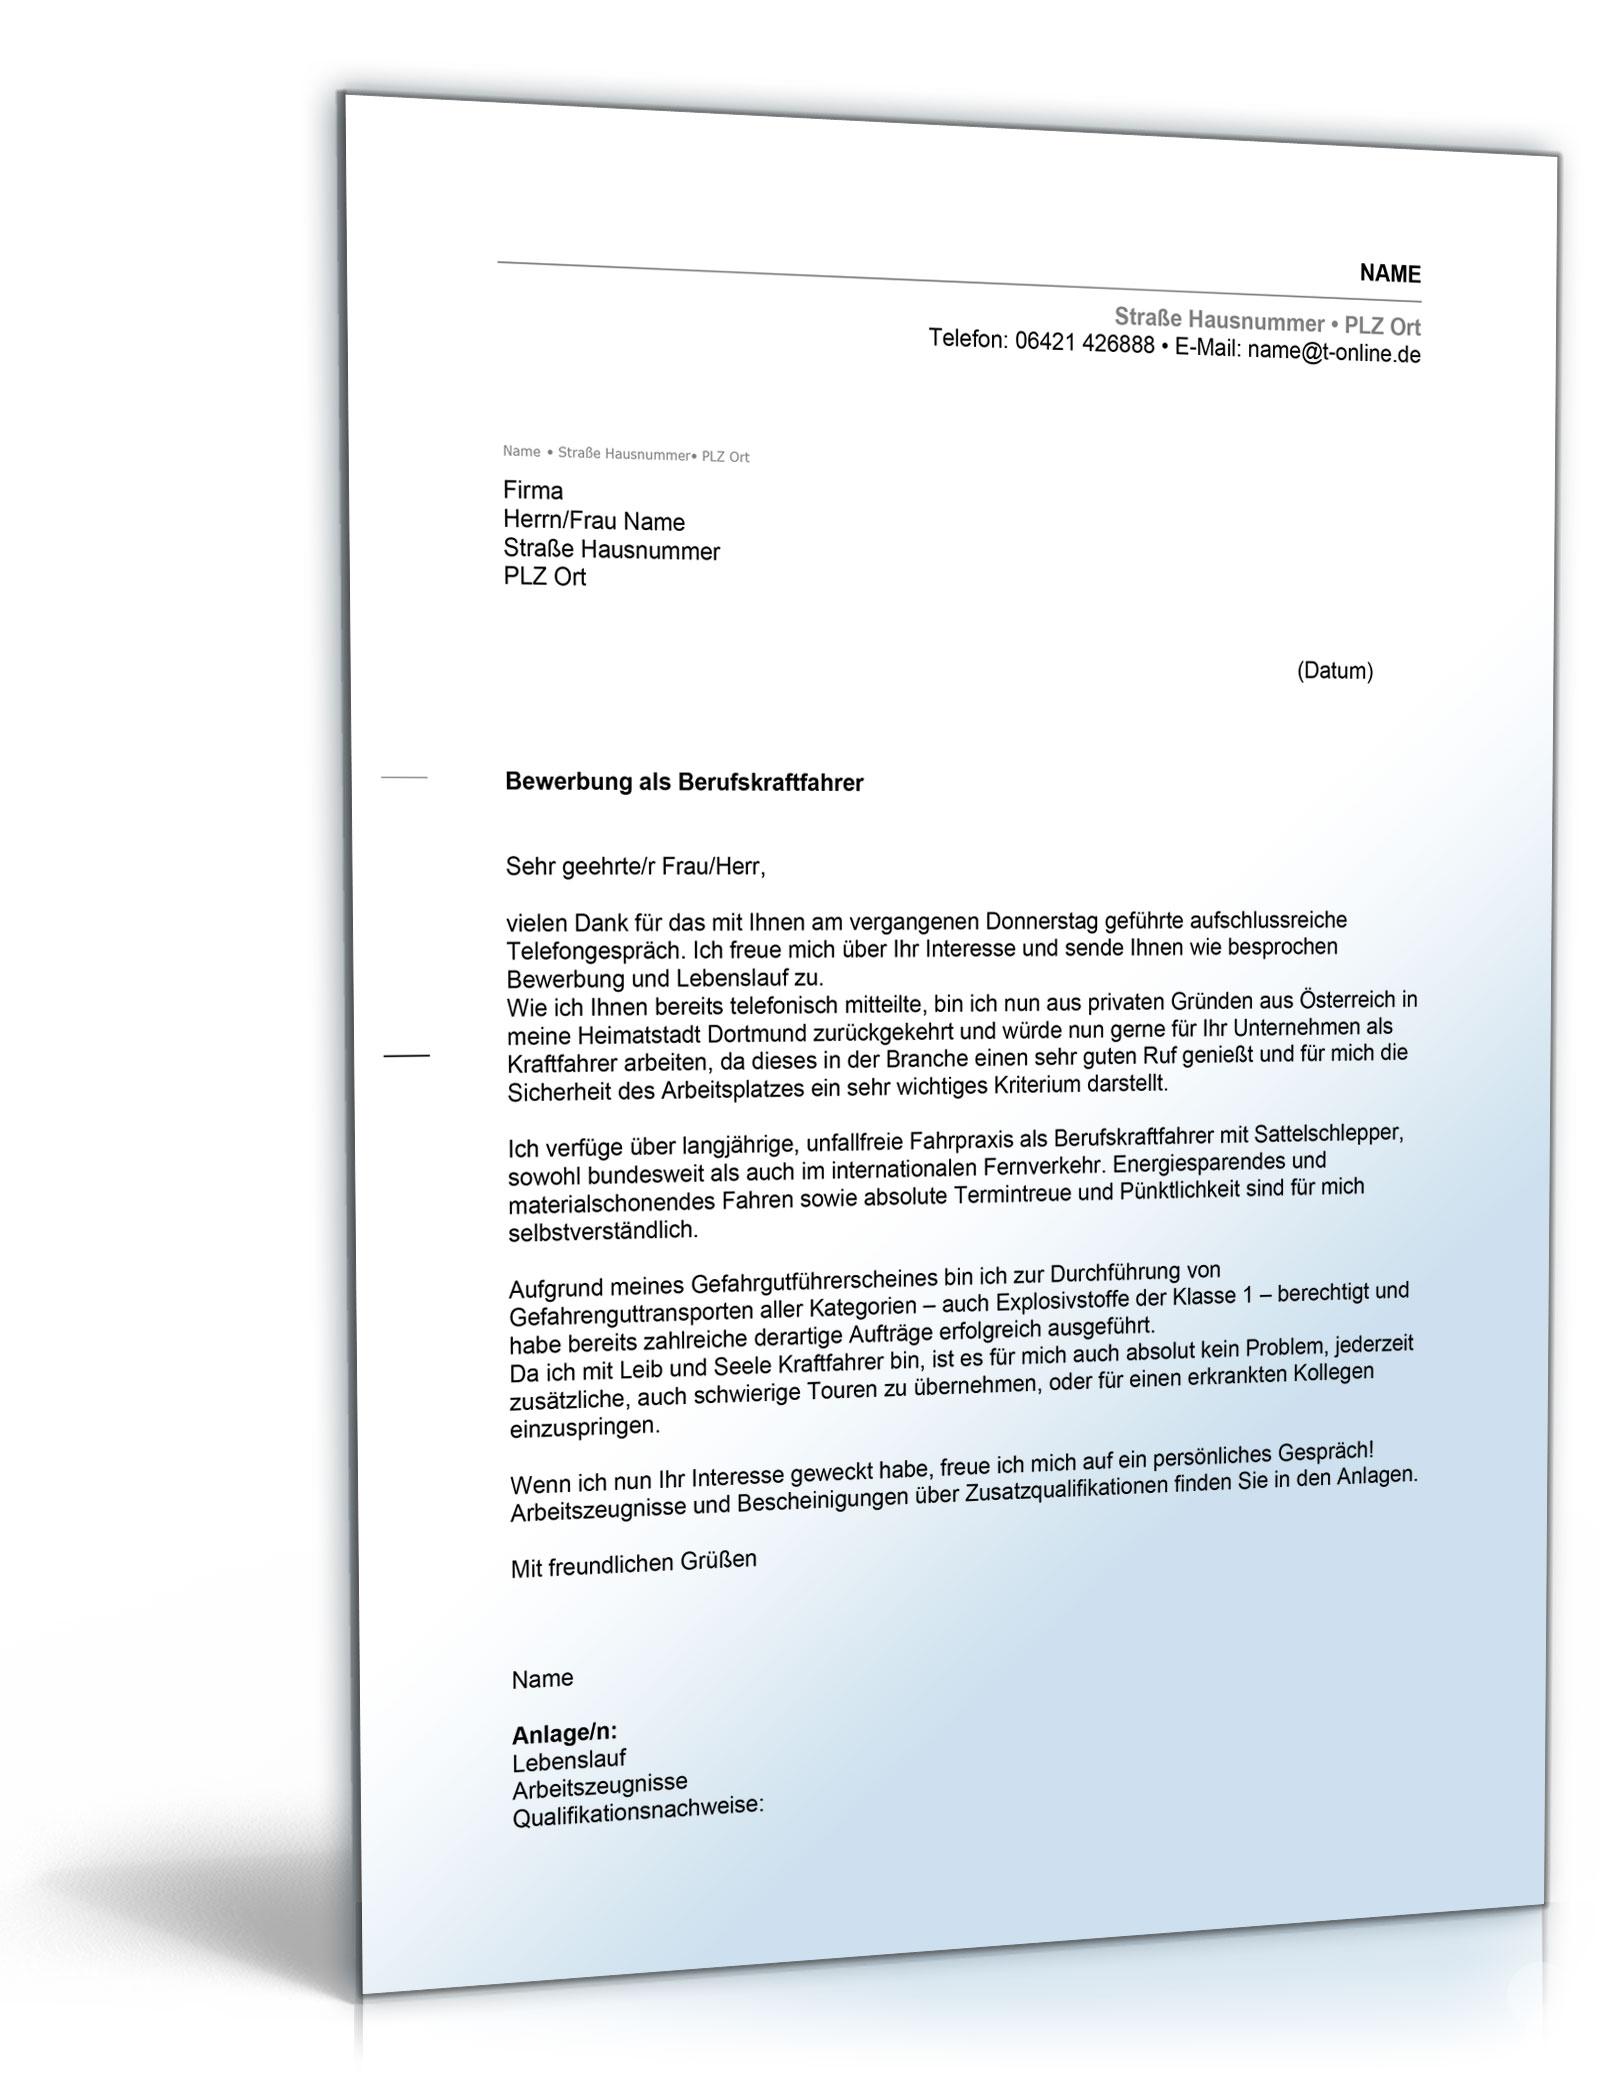 Anschreiben Bewerbung Berufskraftfahrer [Word Dokument]: Amazon.de ...